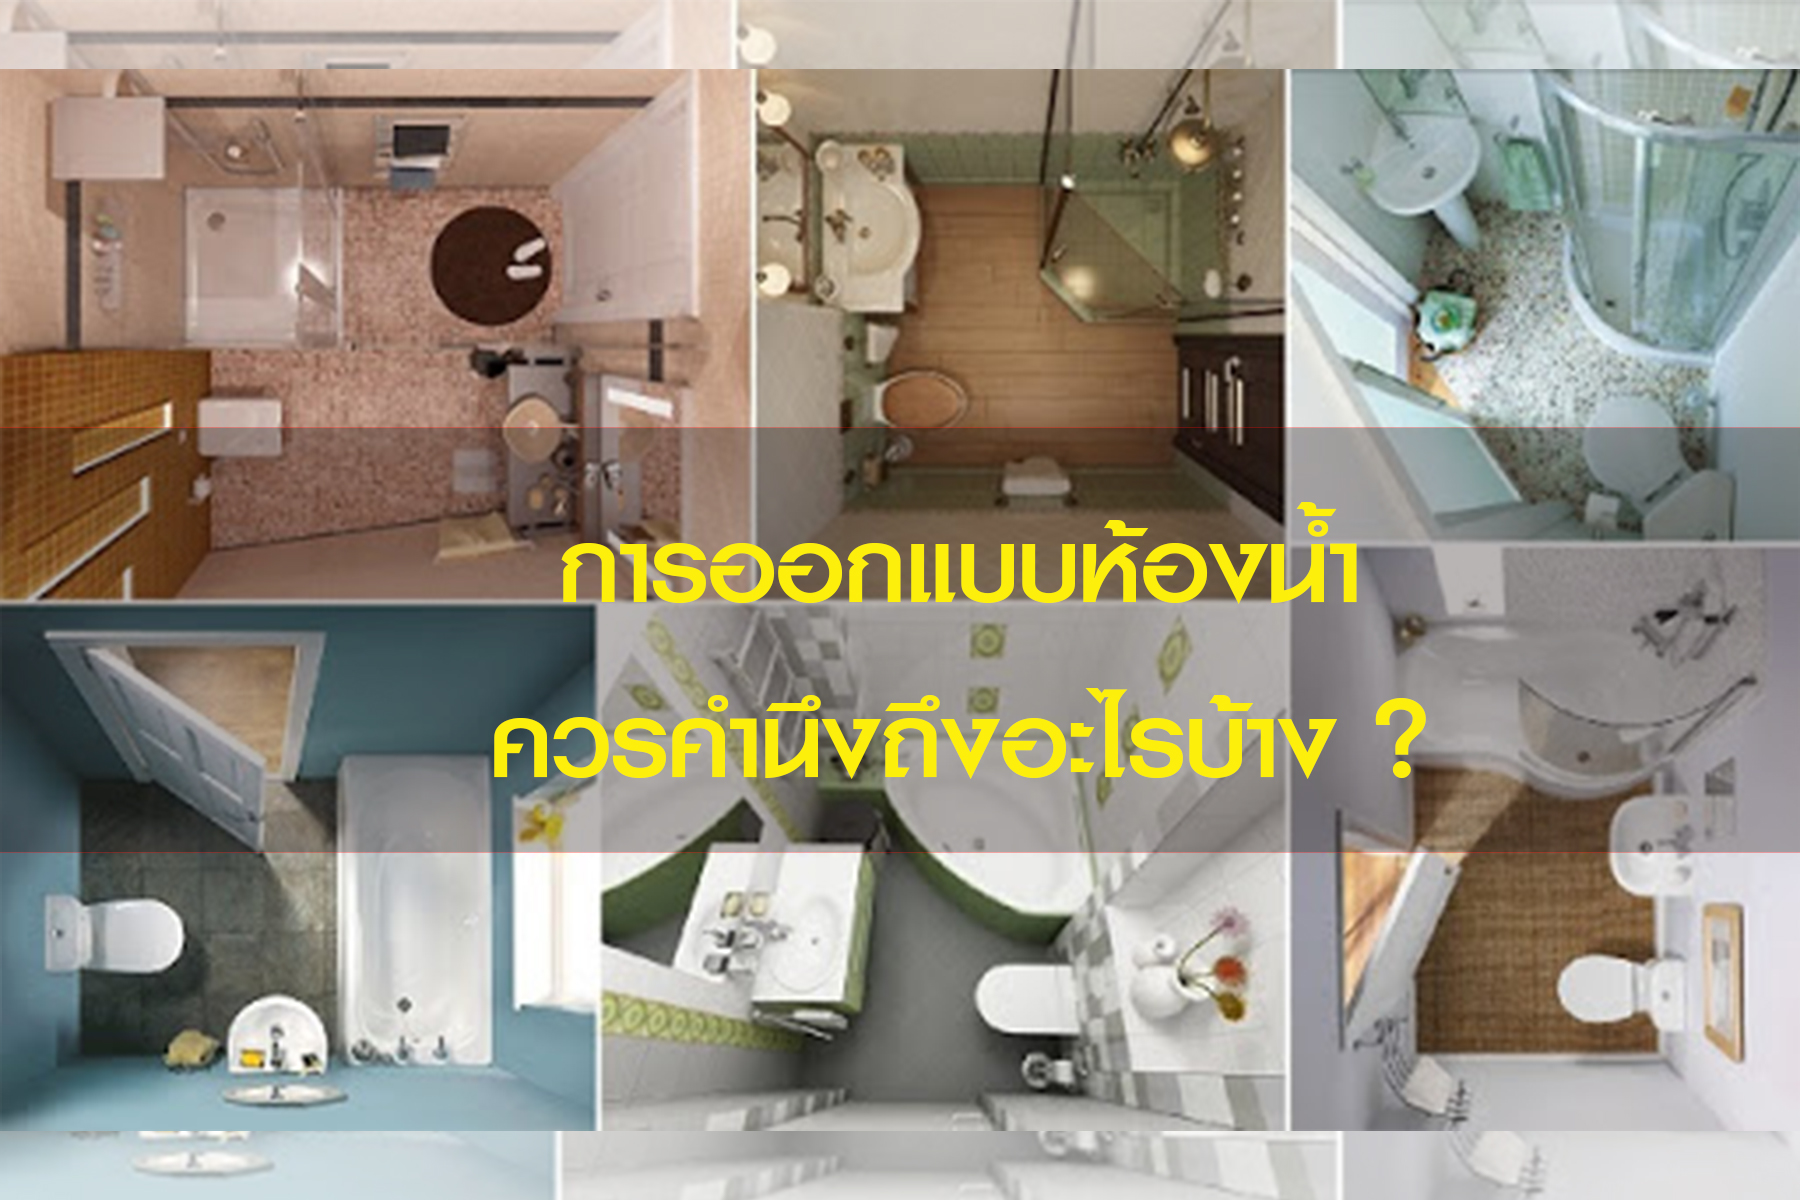 การออกแบบห้องน้ำ ควรคำนึงถึงอะไรบ้าง ?